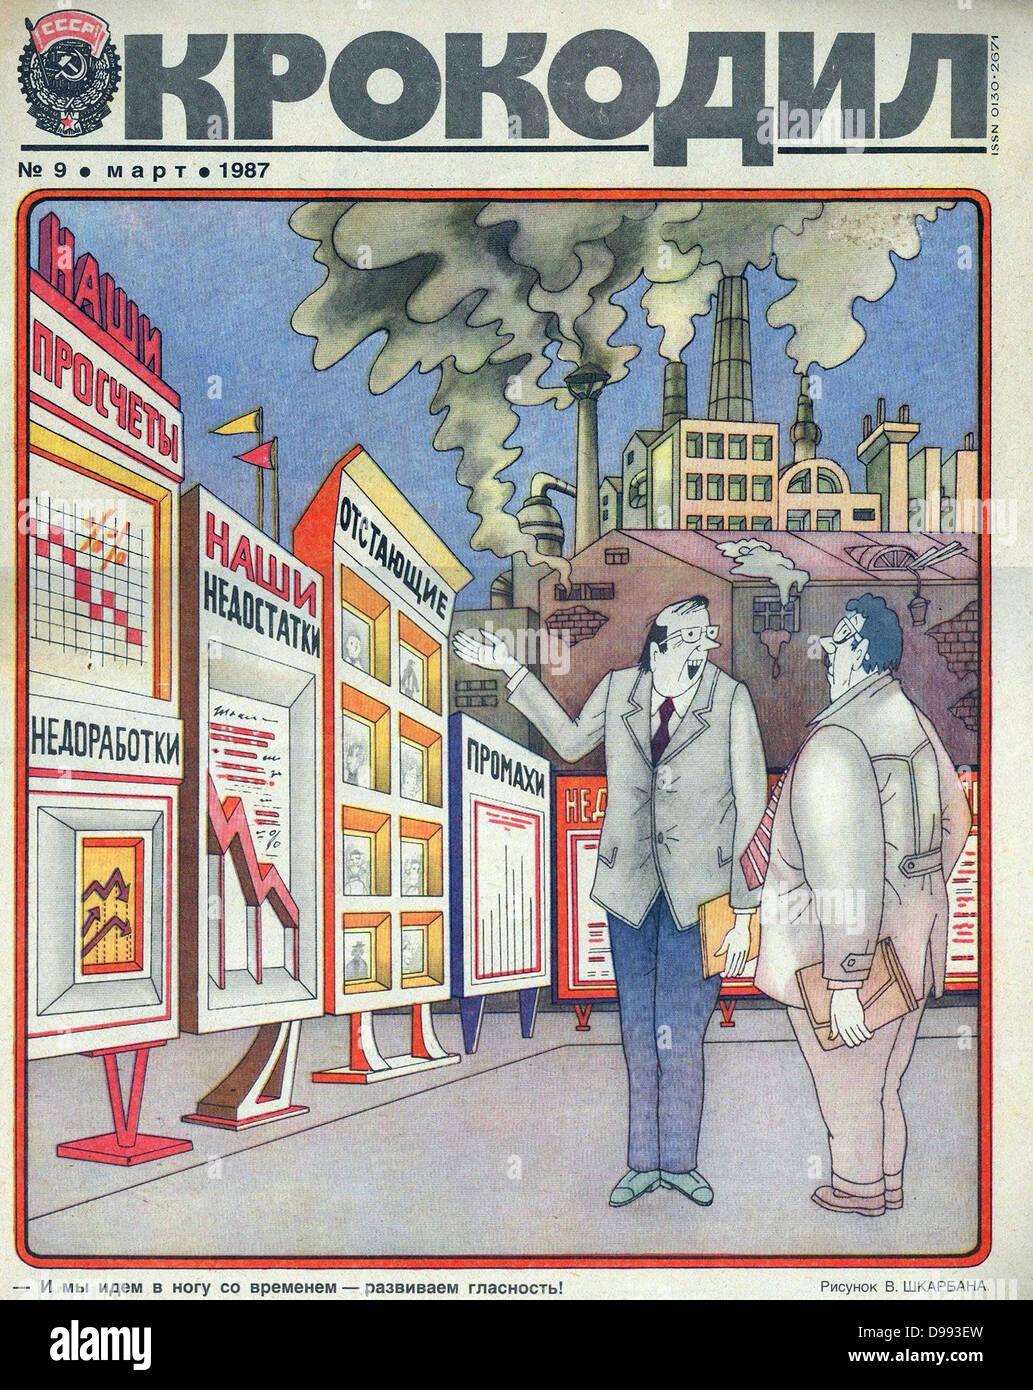 Dessin animé russe soviétique Glasnost satire des années 80 Photo Stock